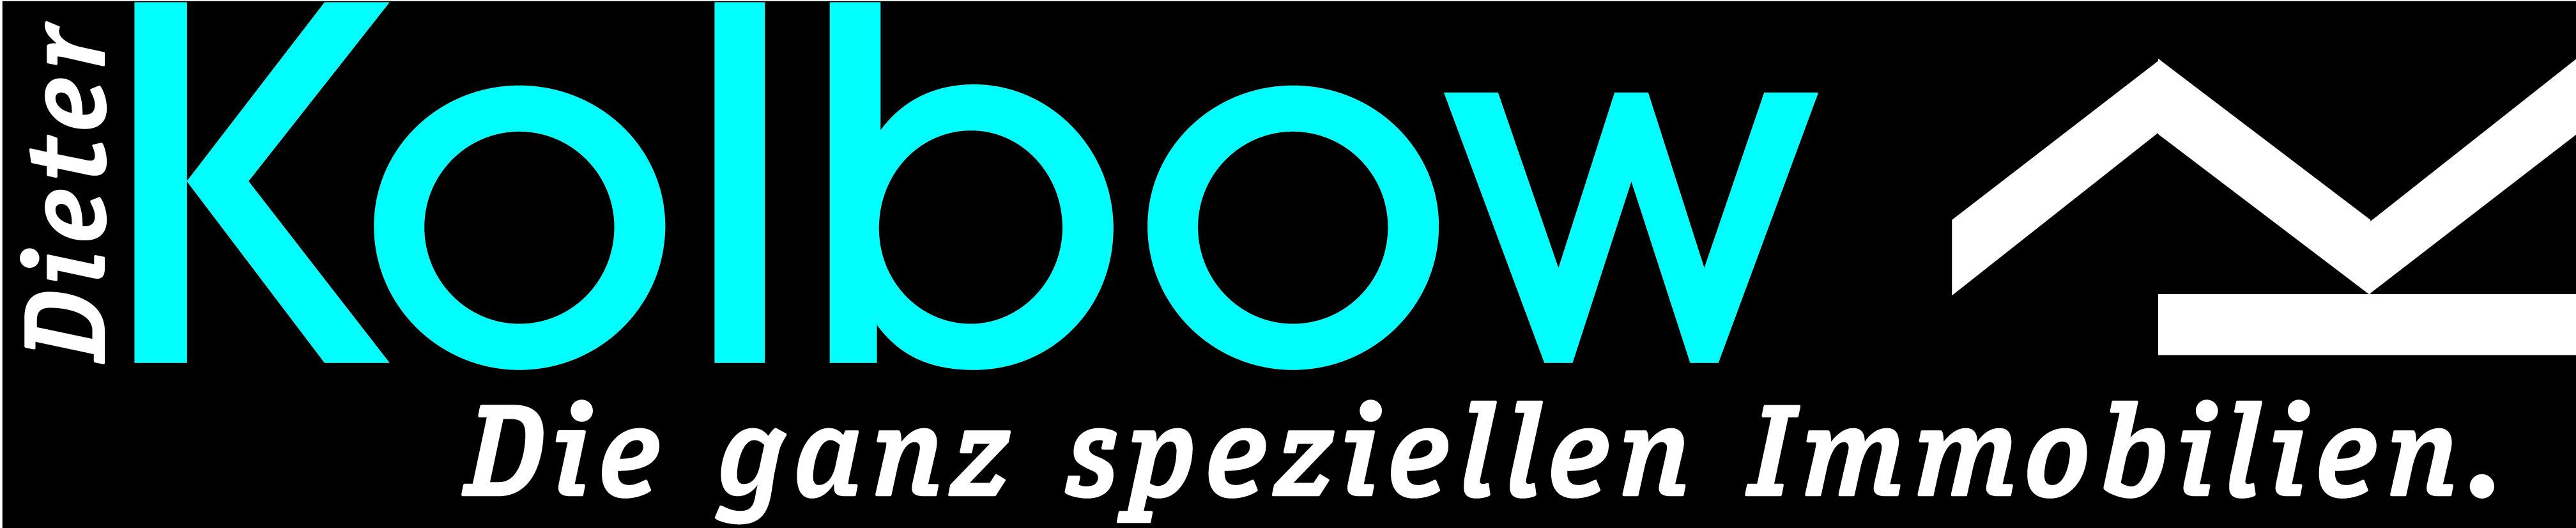 Hier sehen Sie das Logo von Dieter Kolbow Immobilien